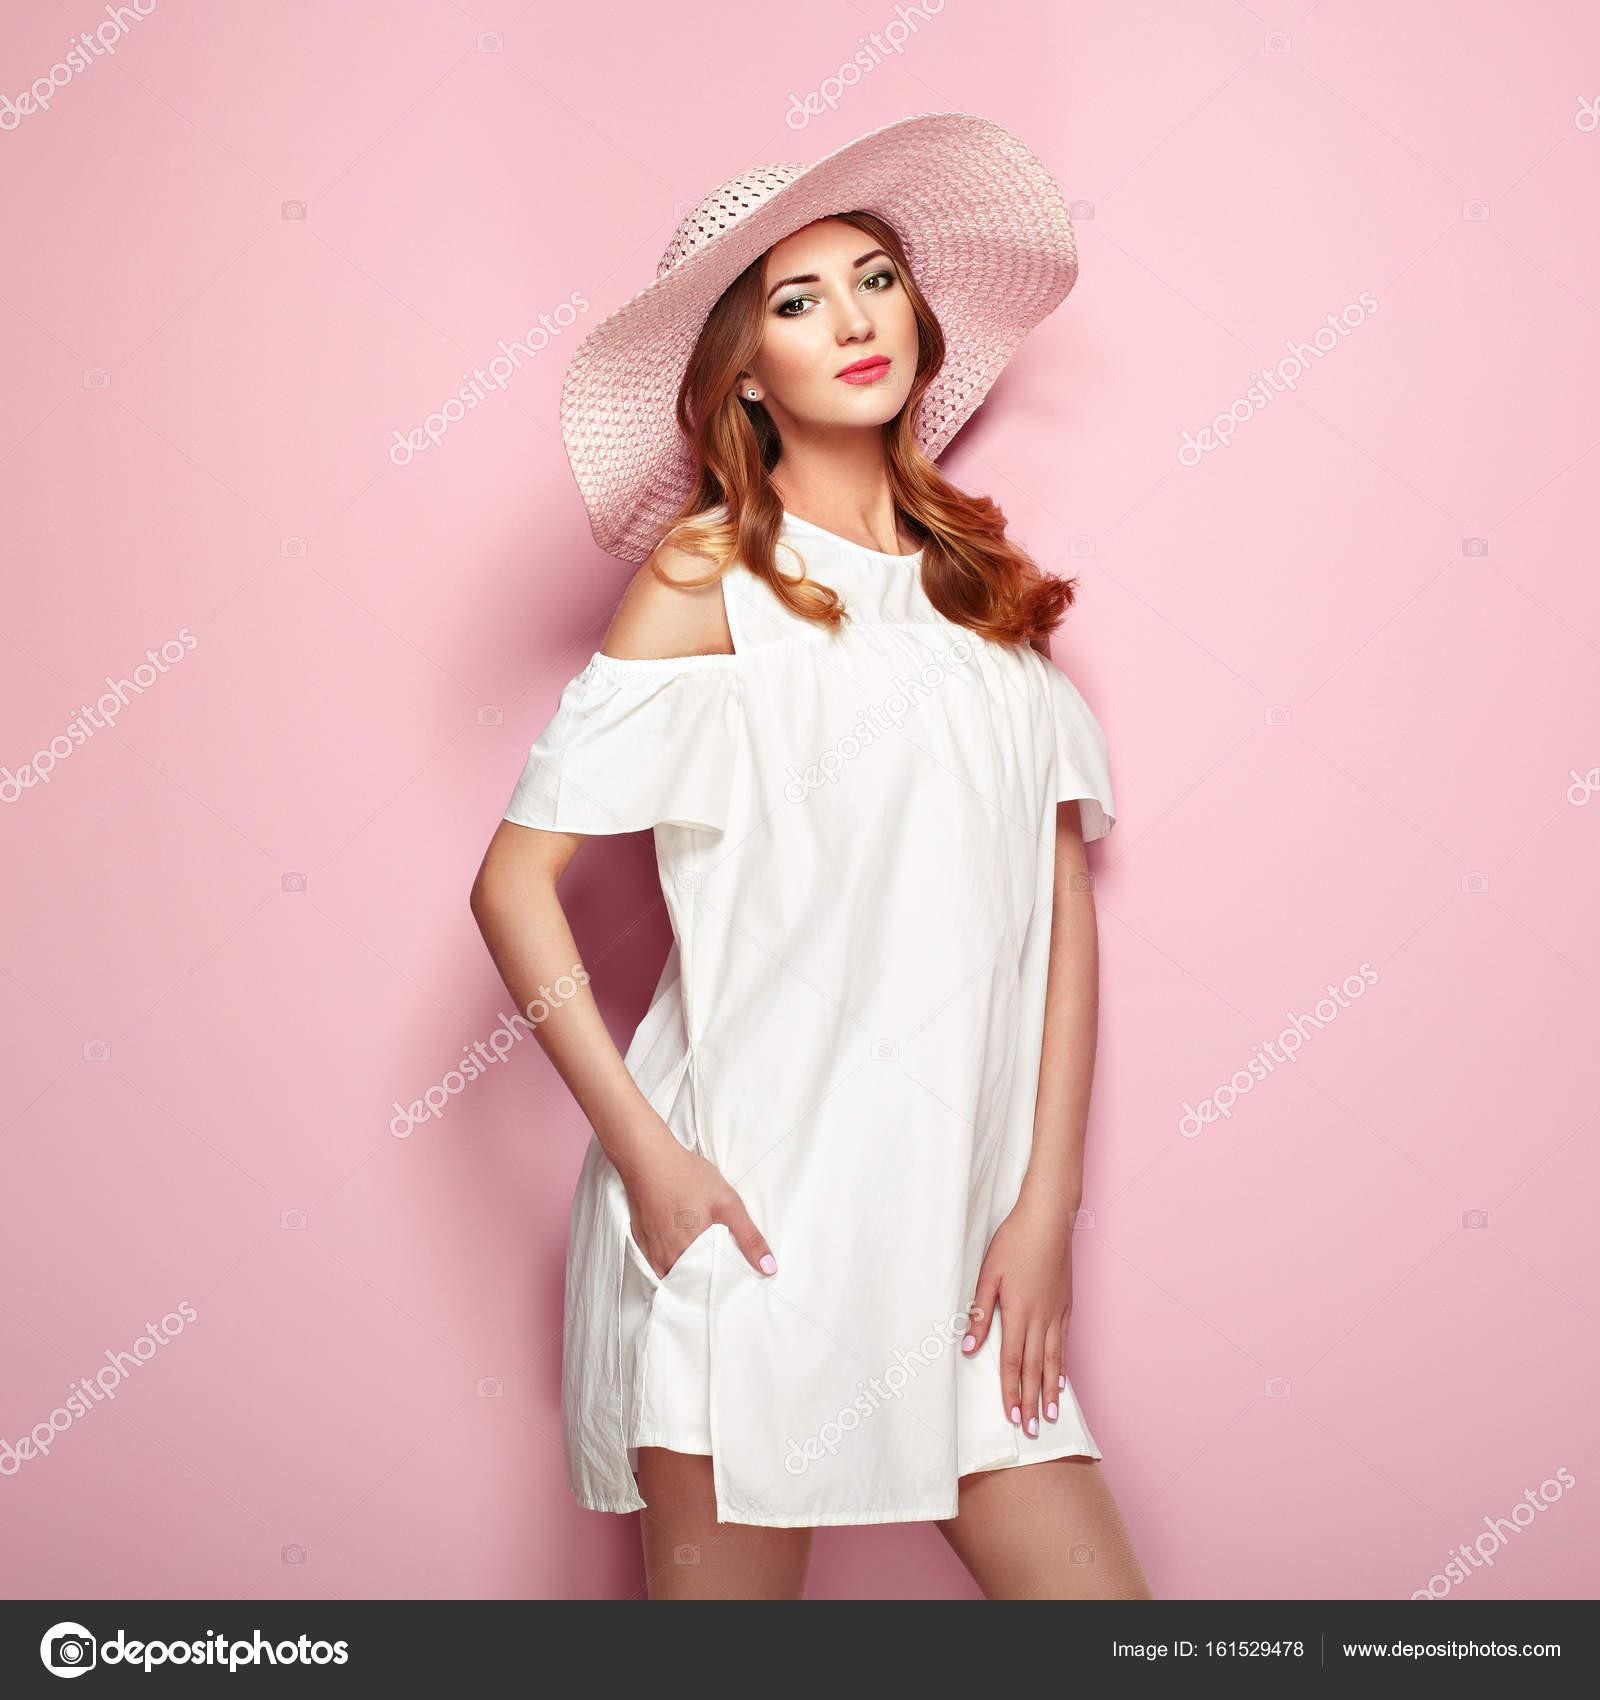 c053c6b822f0 Giovane donna bionda in abito estivo bianco e cappello di estate. Ragazza  in posa su uno sfondo rosa. Gioielli e abbigliamento.